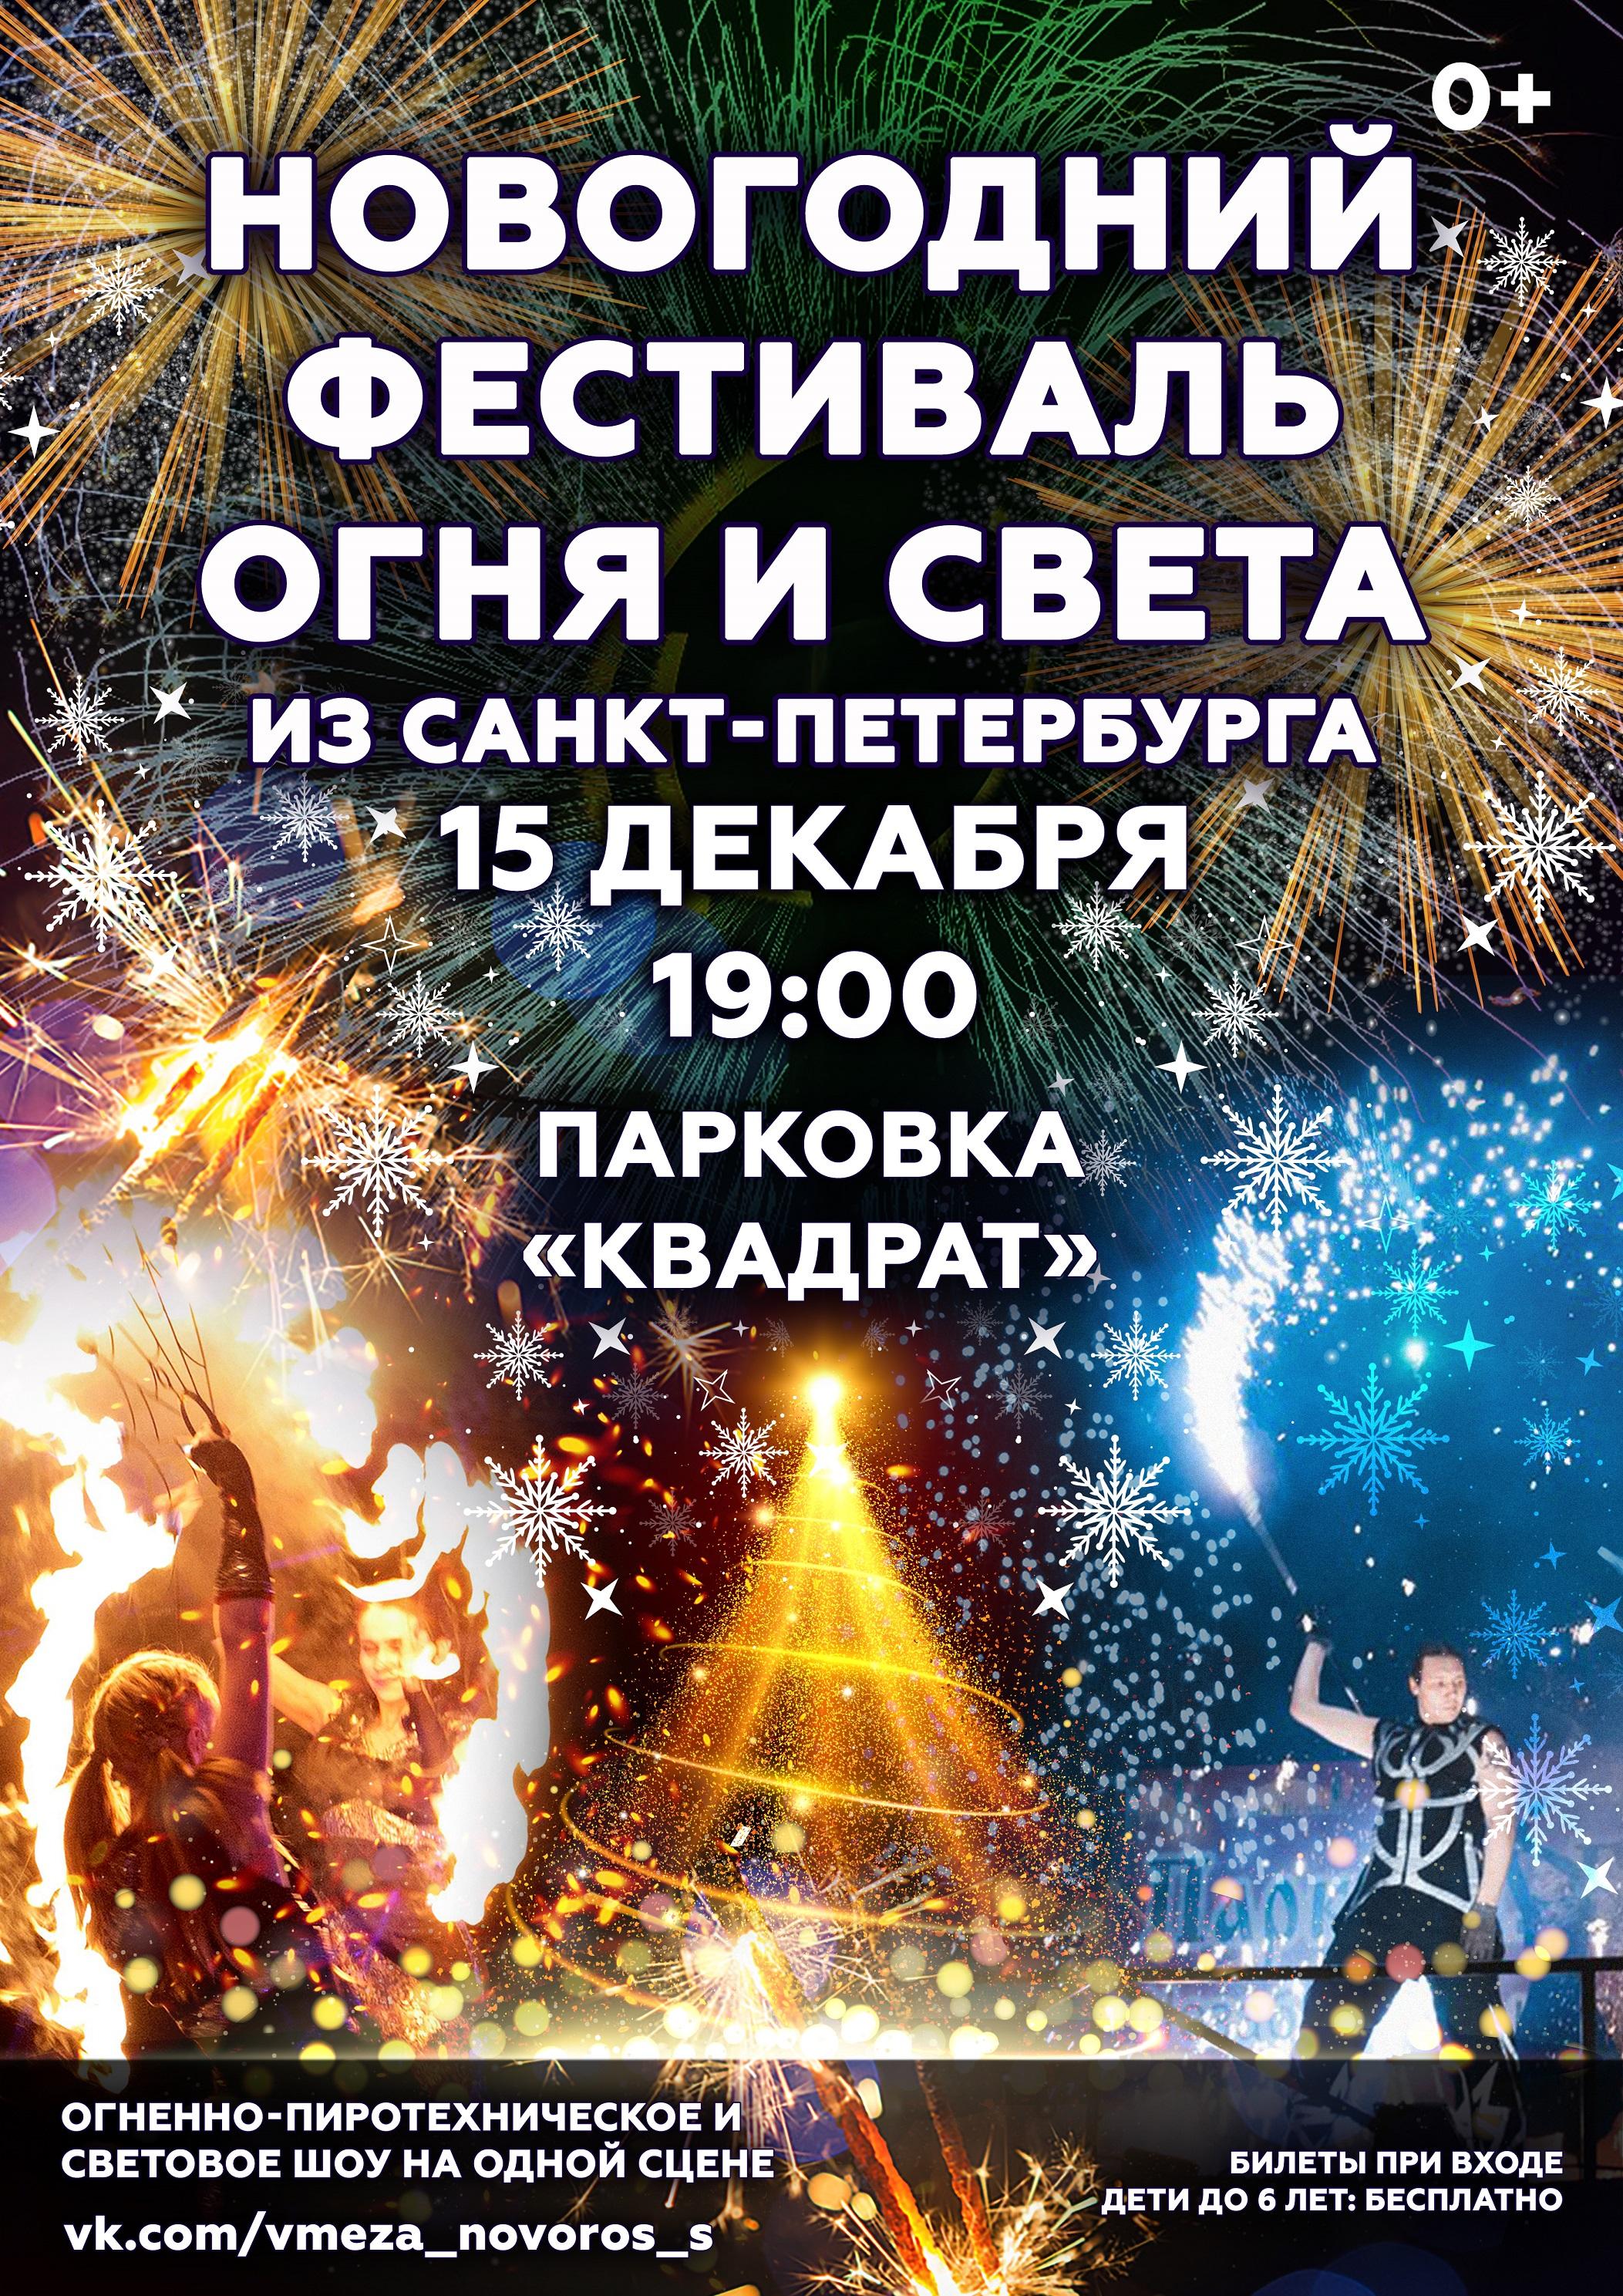 15 декабря в Новороссийске впервые пройдёт новогодний фестиваль огня и света «Вместе Зажигаем».